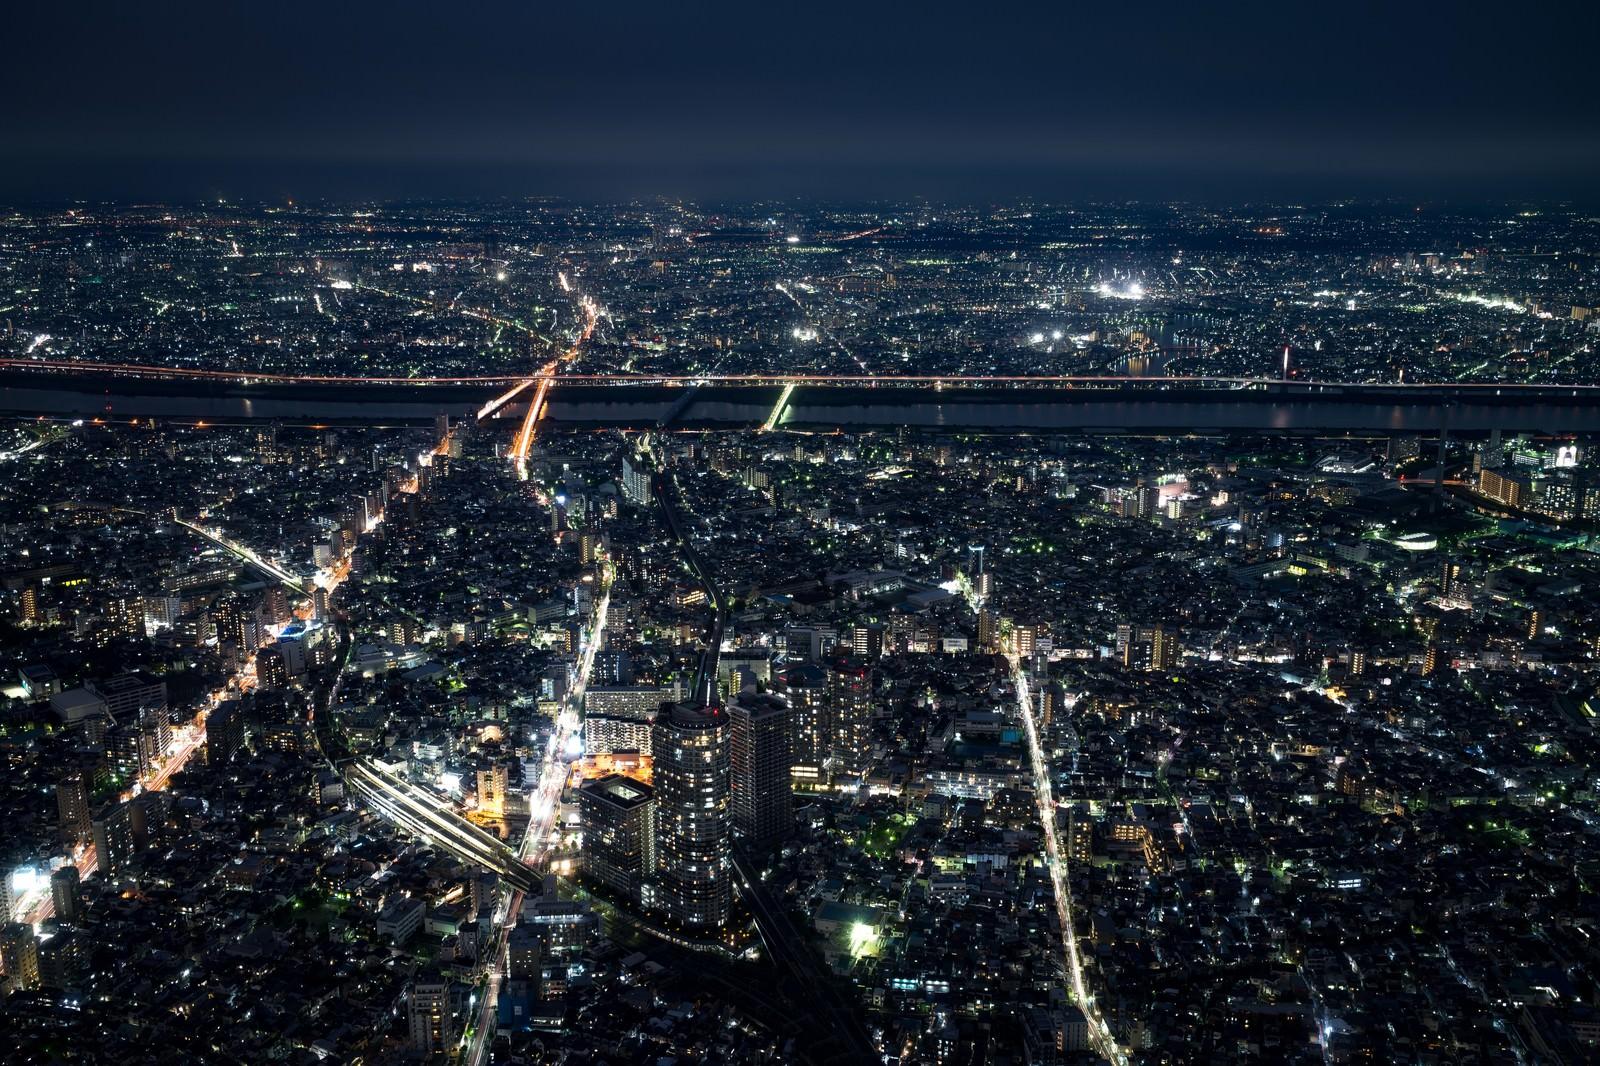 「都会の夜景都会の夜景」のフリー写真素材を拡大